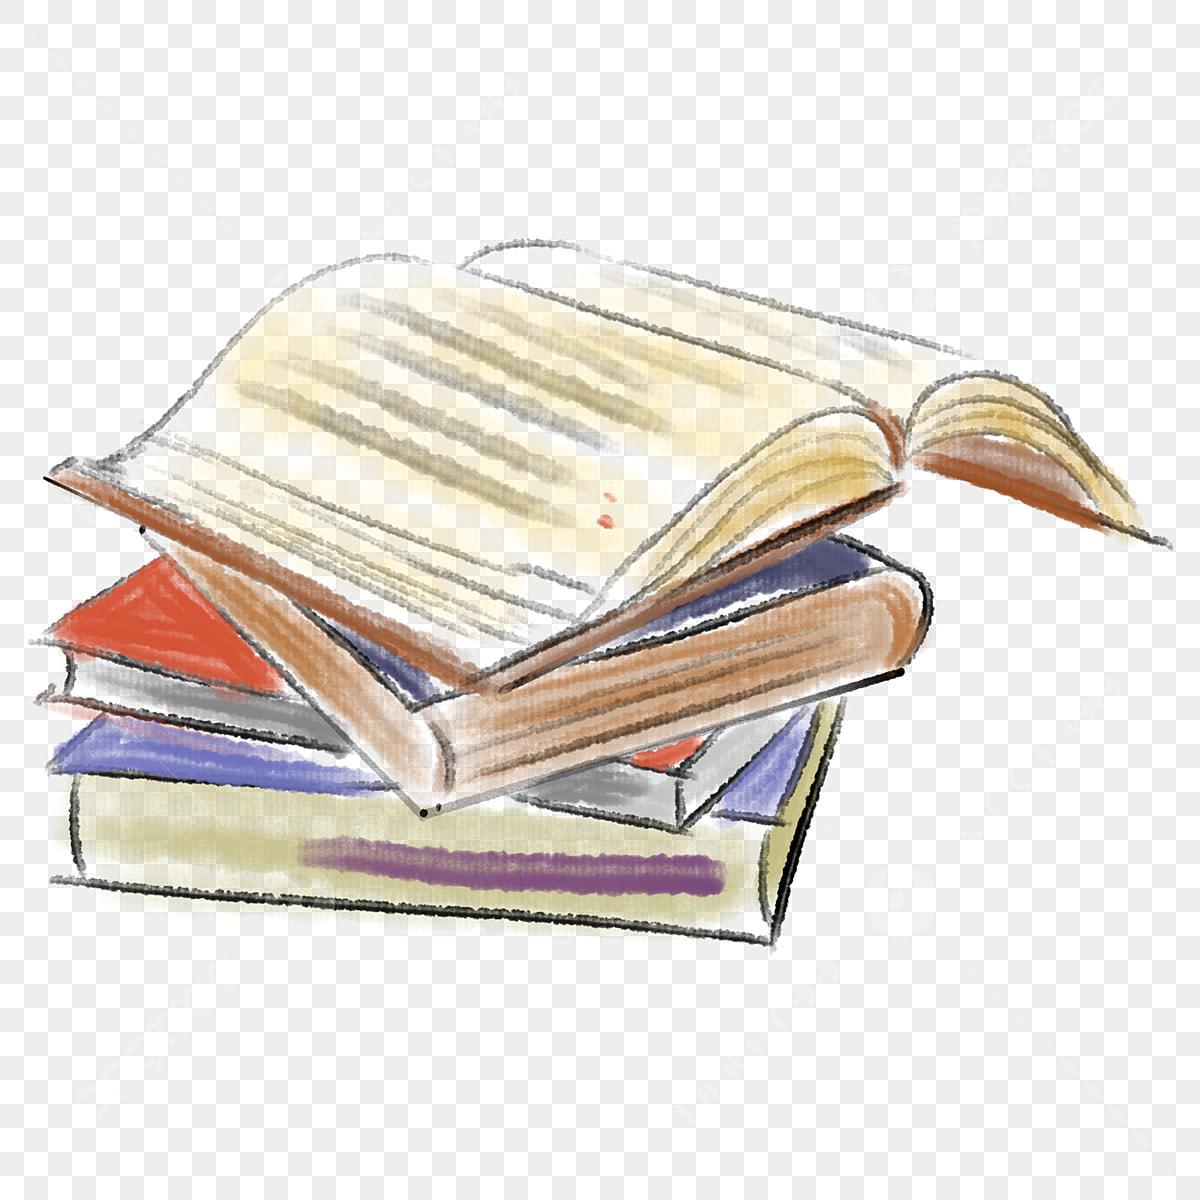 Livre De Couleur Livre Rouge Livre Bleu Livre Ouvert Papier